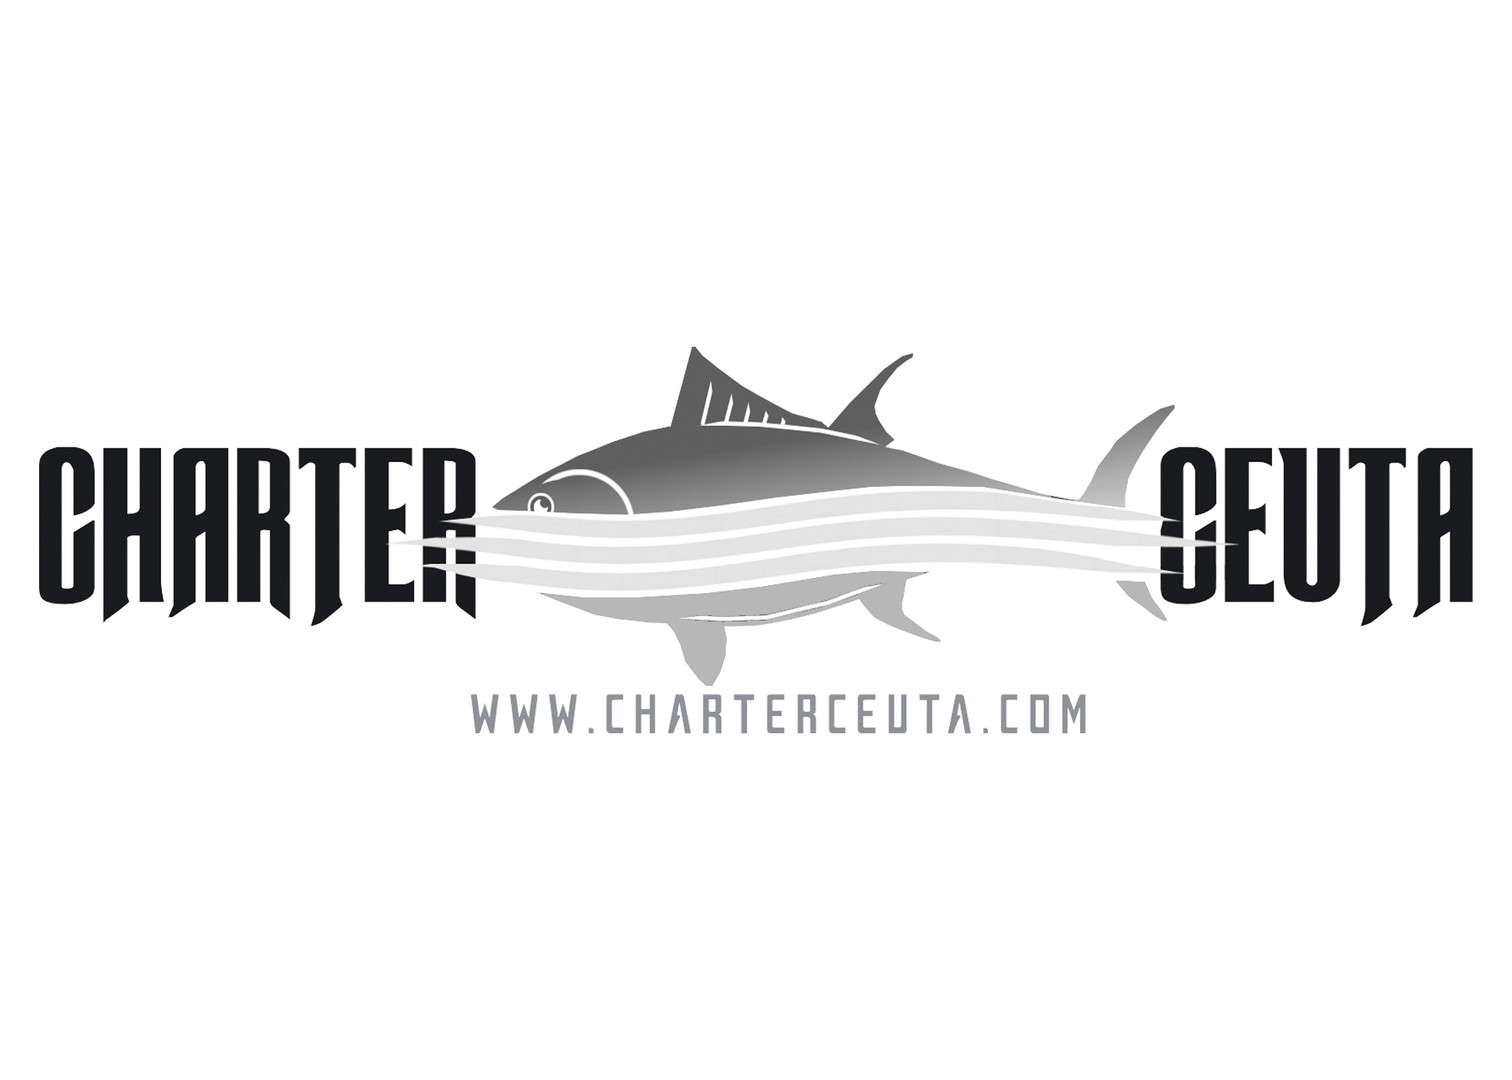 charter ceuta.jpg